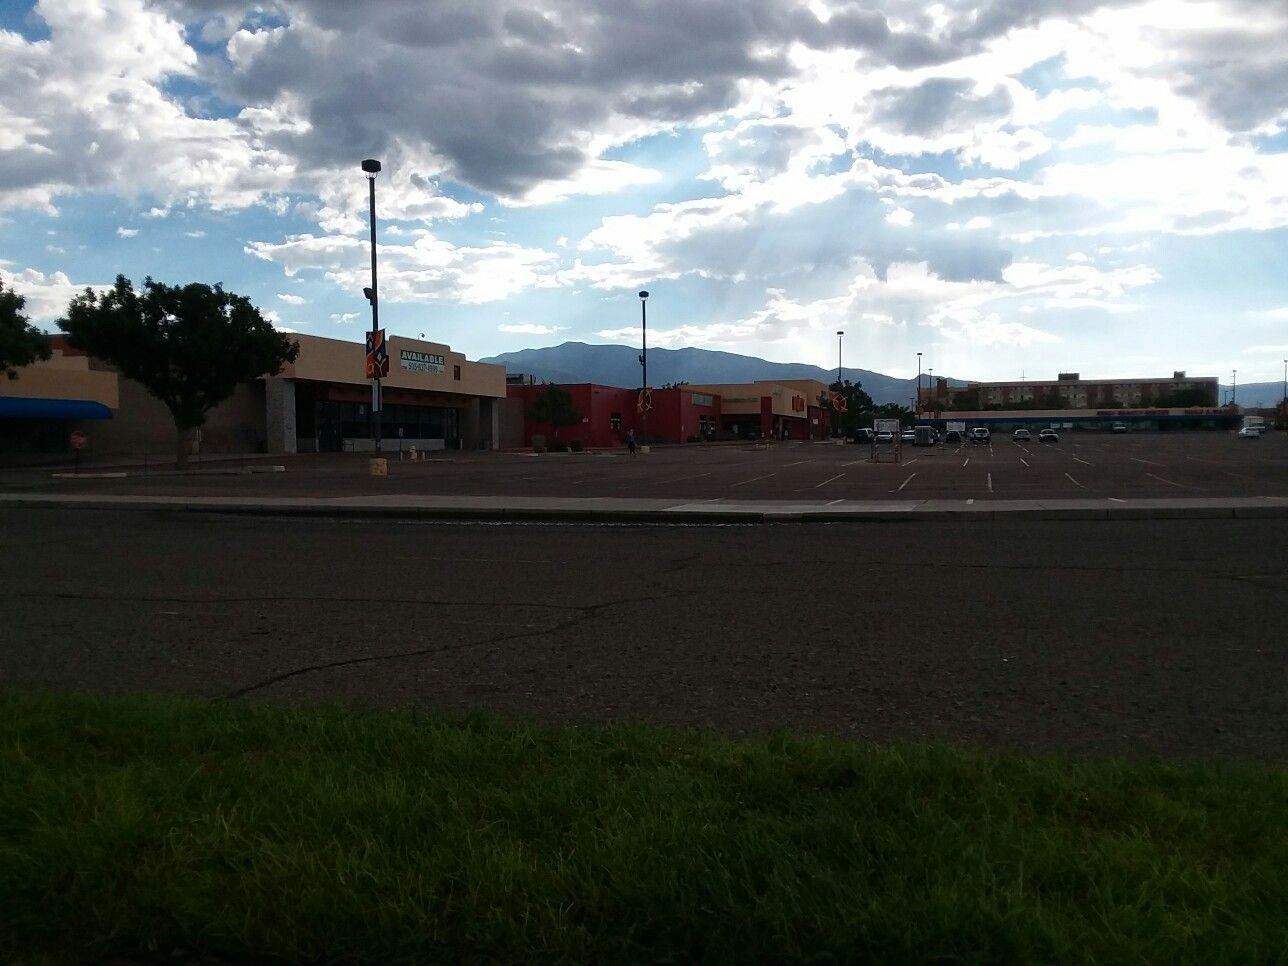 Pin by Jason Cozart on Albuquerque/New Mexico New mexico